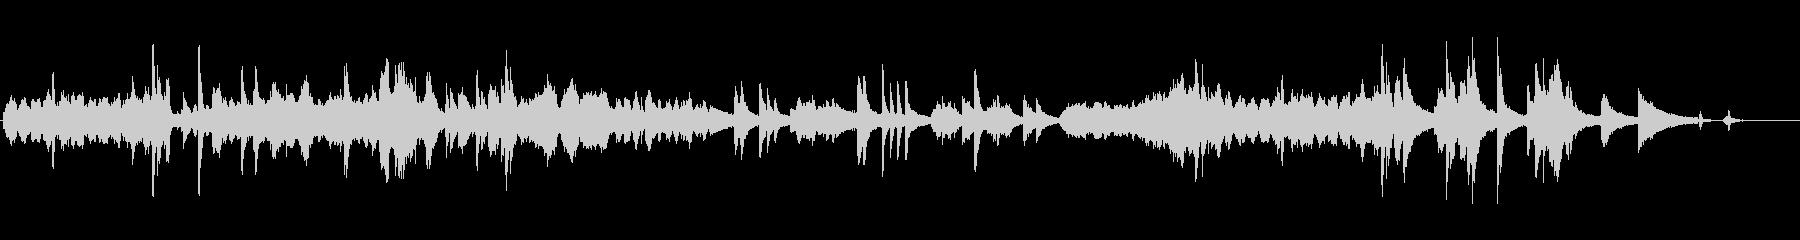 ピアノソロの近代曲の未再生の波形